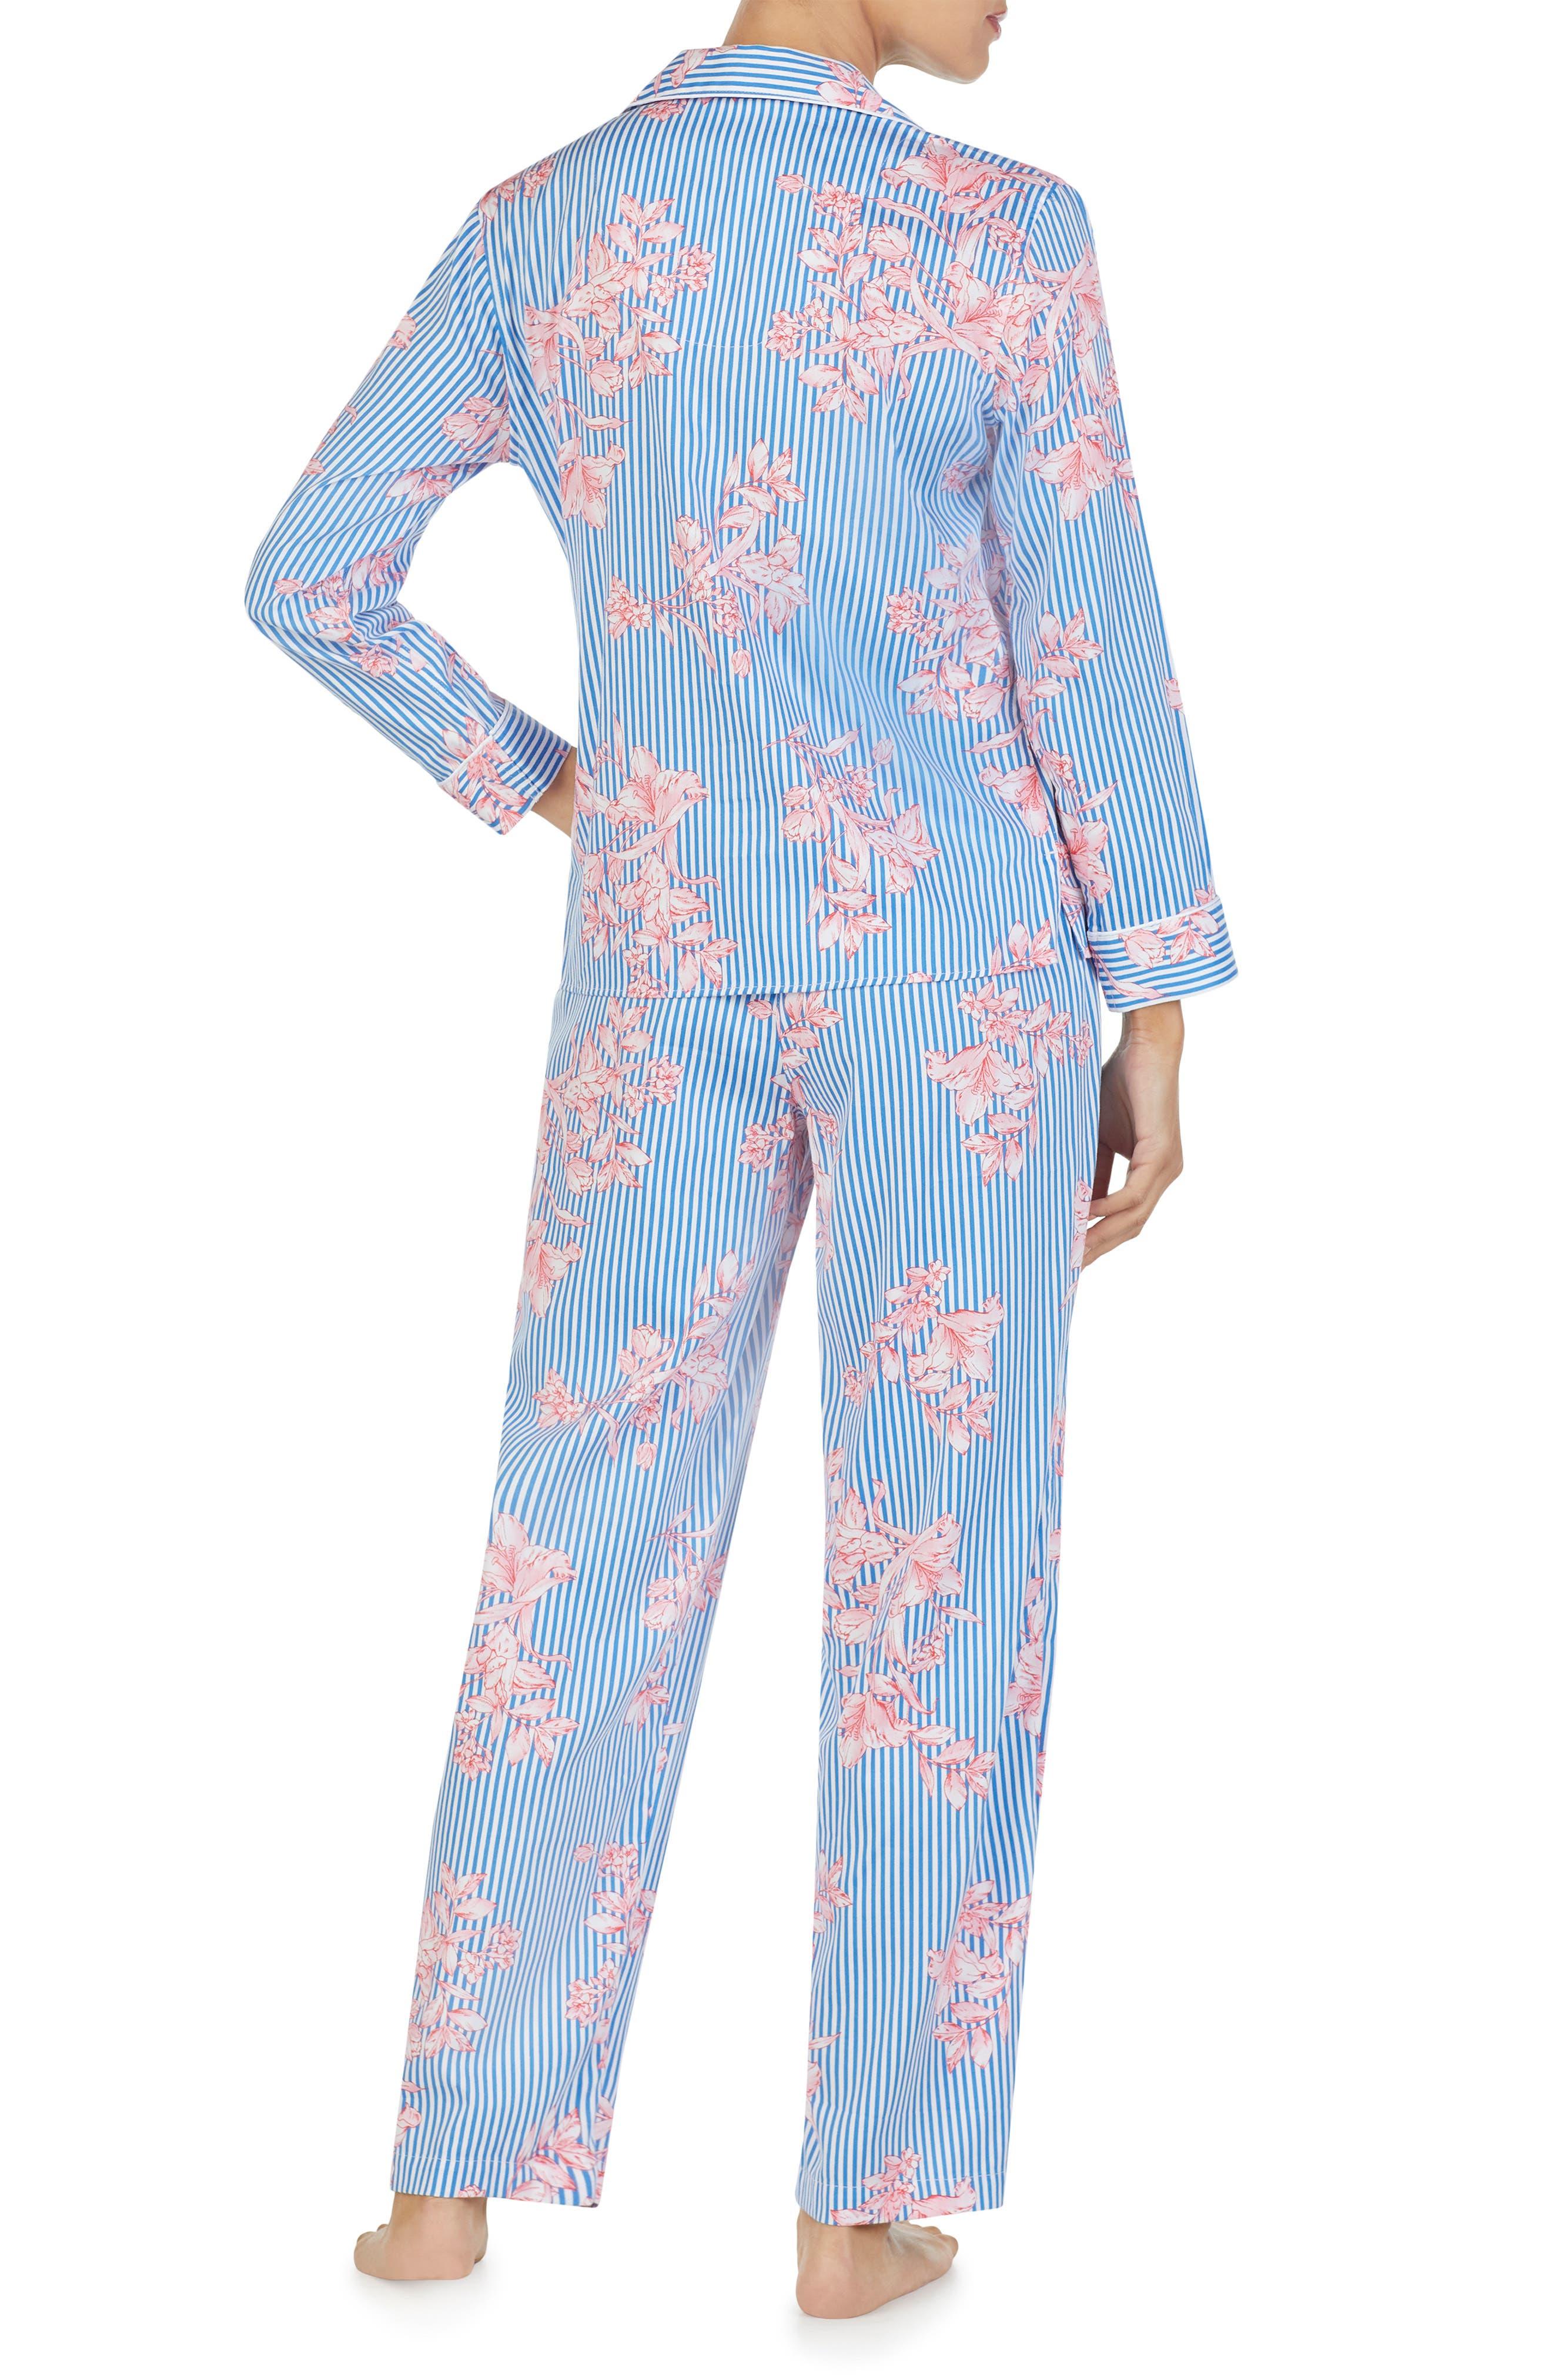 LAUREN RALPH LAUREN, Floral Pajamas, Alternate thumbnail 2, color, 486